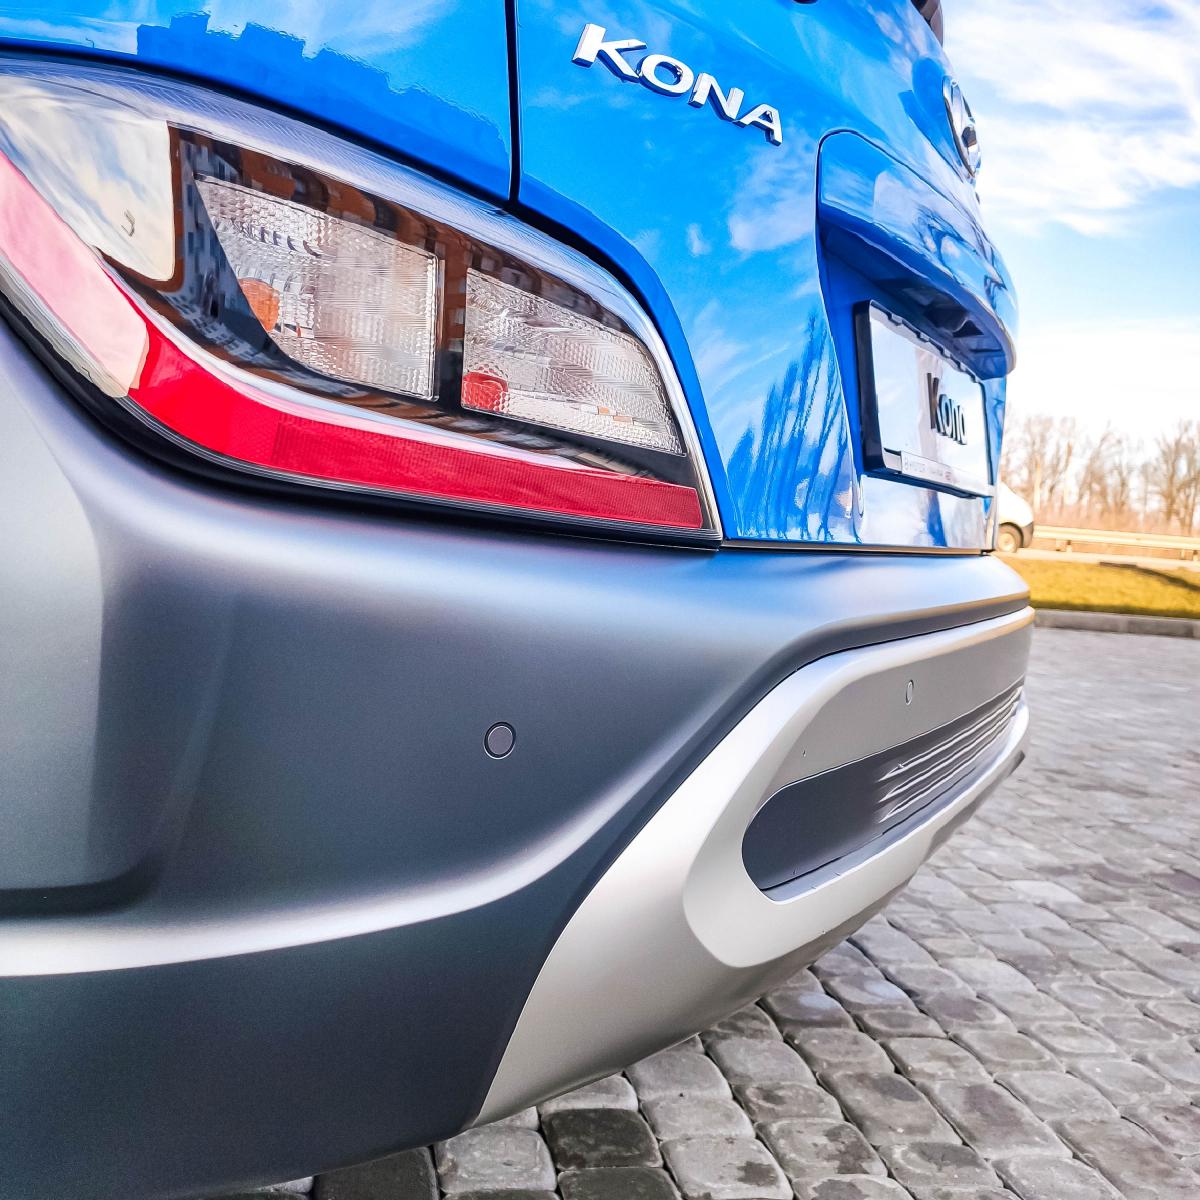 Надзвичайний автомобіль з незвичайним кольором! | Хюндай Мотор Україна - фото 12